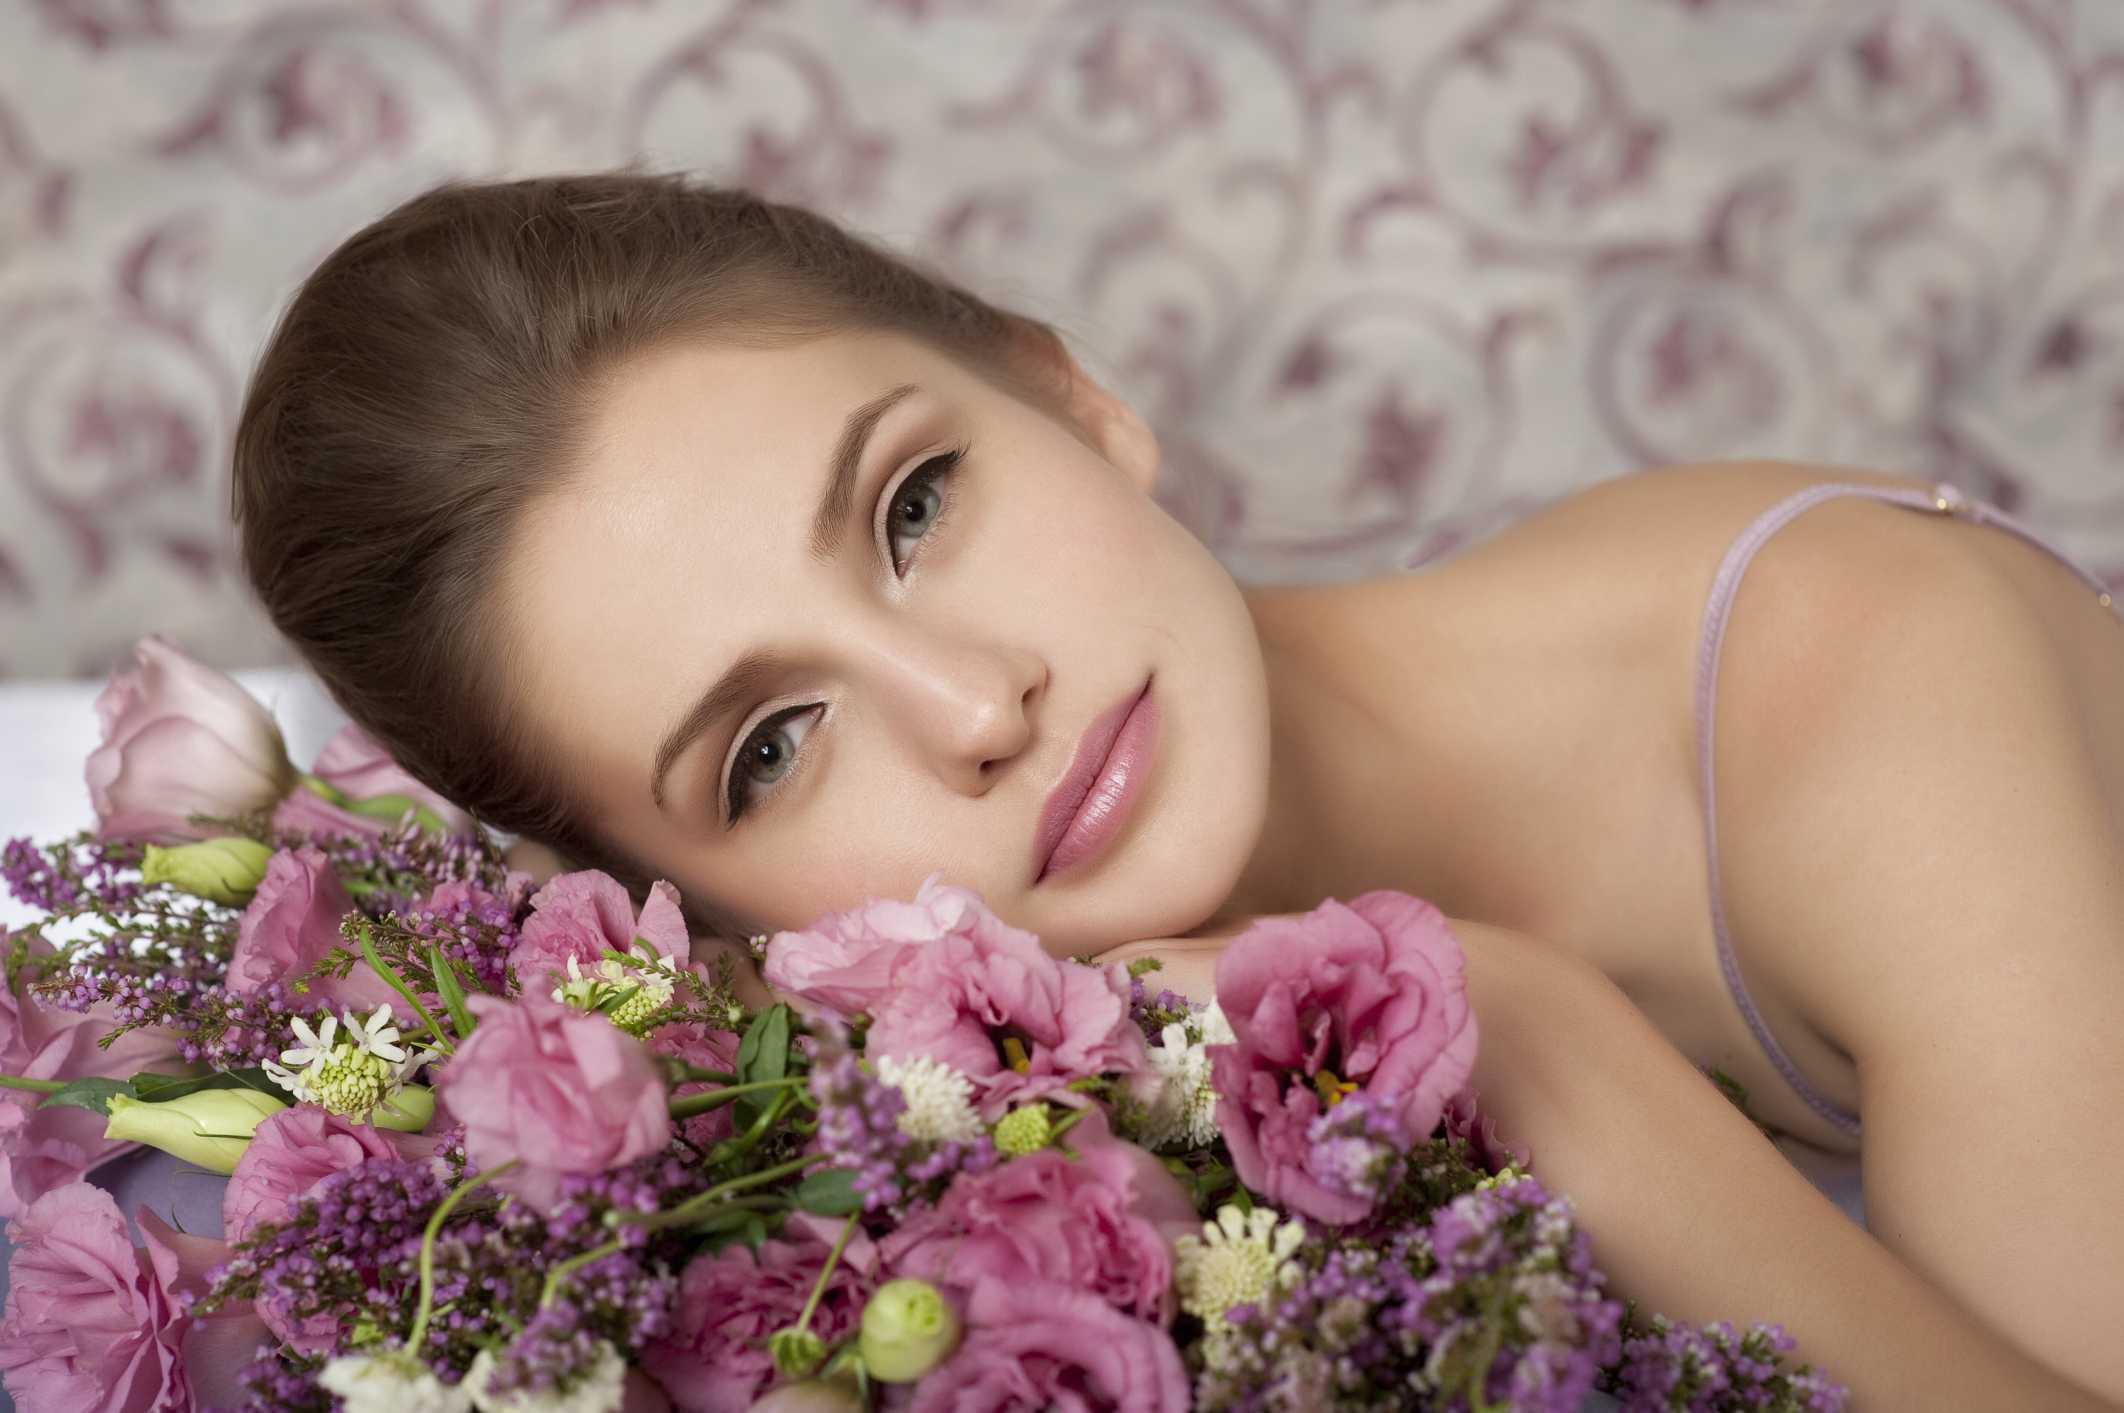 Maquillaje natural y piel hidratada